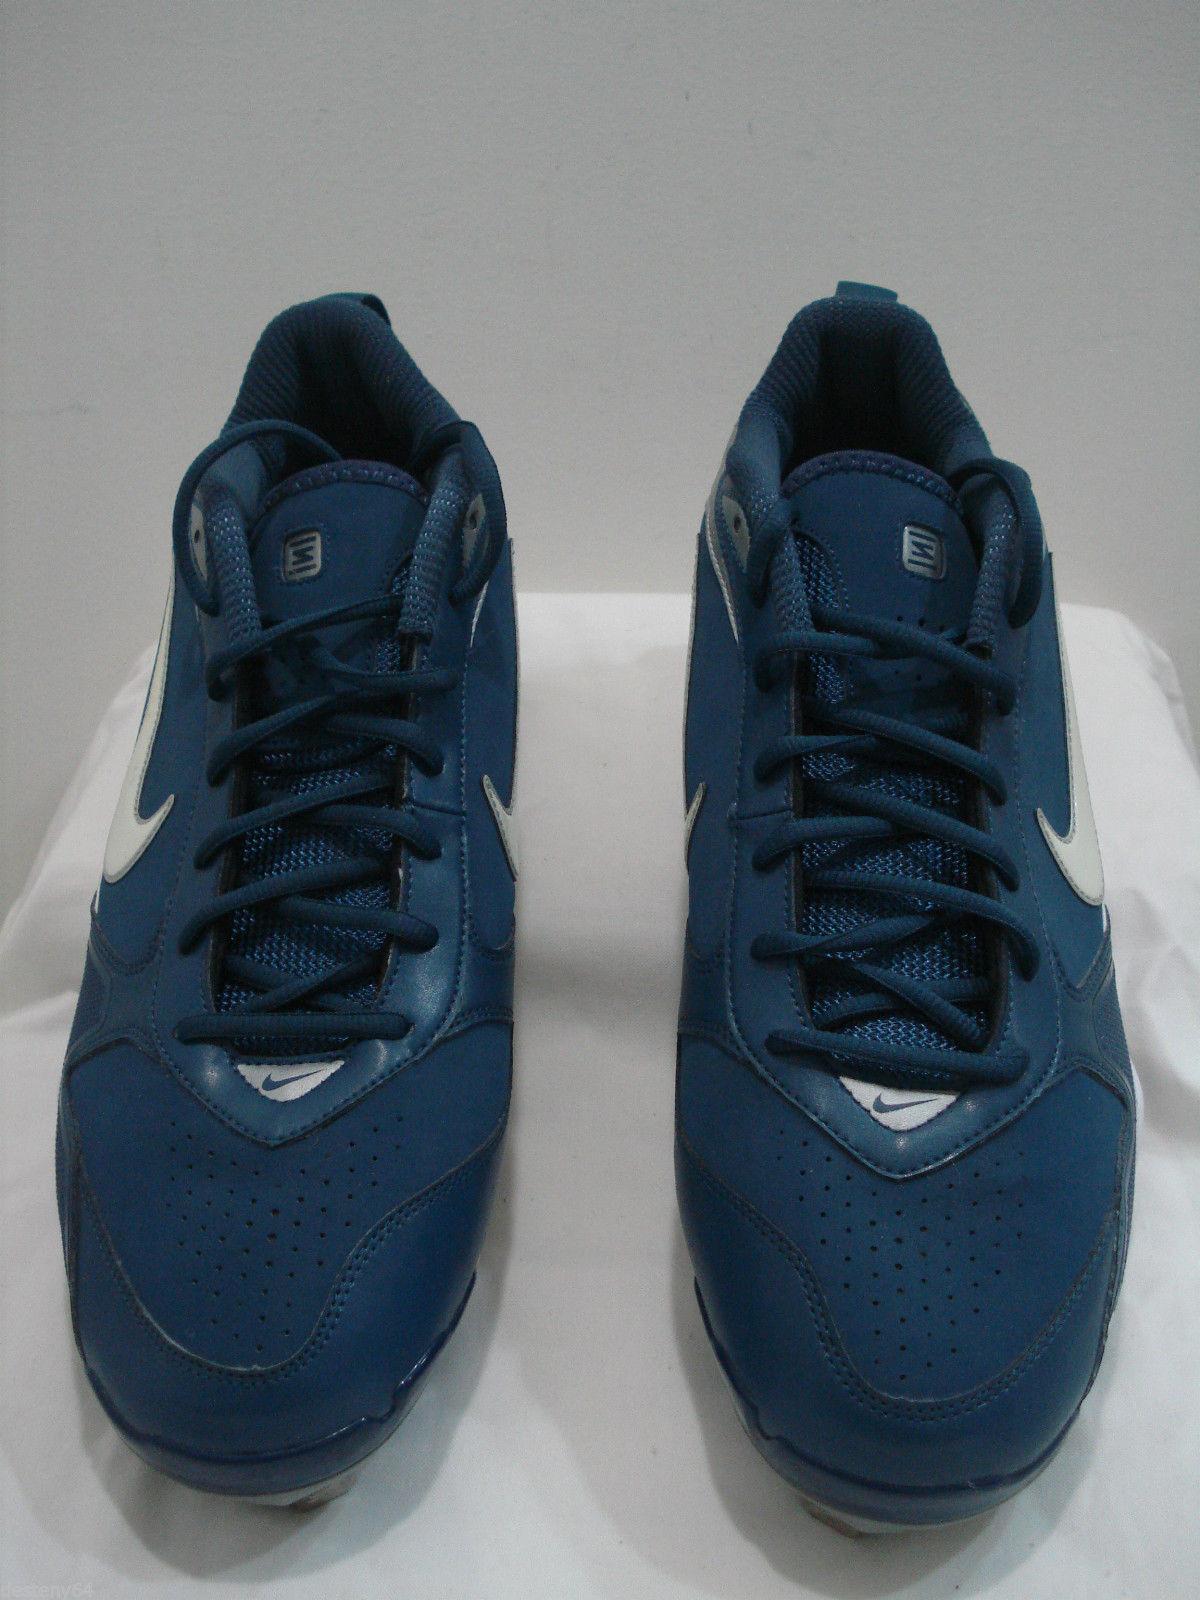 Nike 375764-411 aria shox miccia sono 2 uomini di metallo sono miccia scarpe da baseball le dimensioni: sono ammontati a 16 milioni di nuovi c7ba64